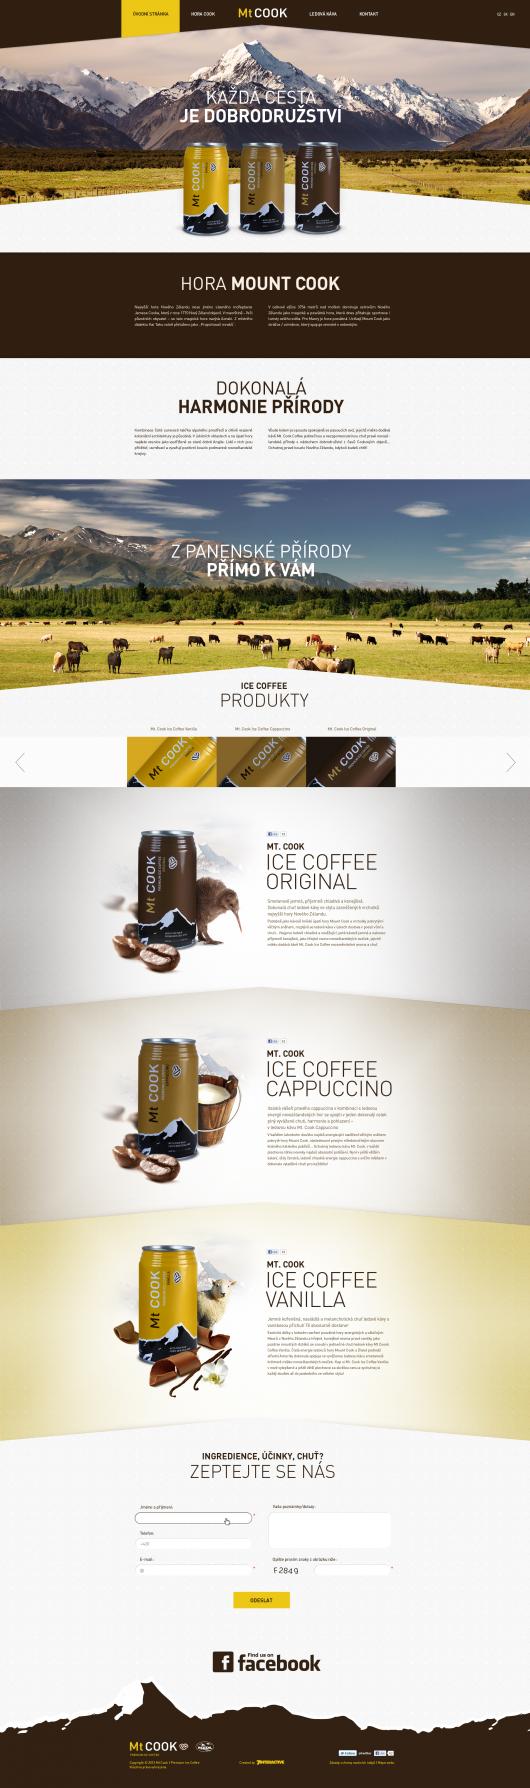 Mt COOK Premium Ice Coffee